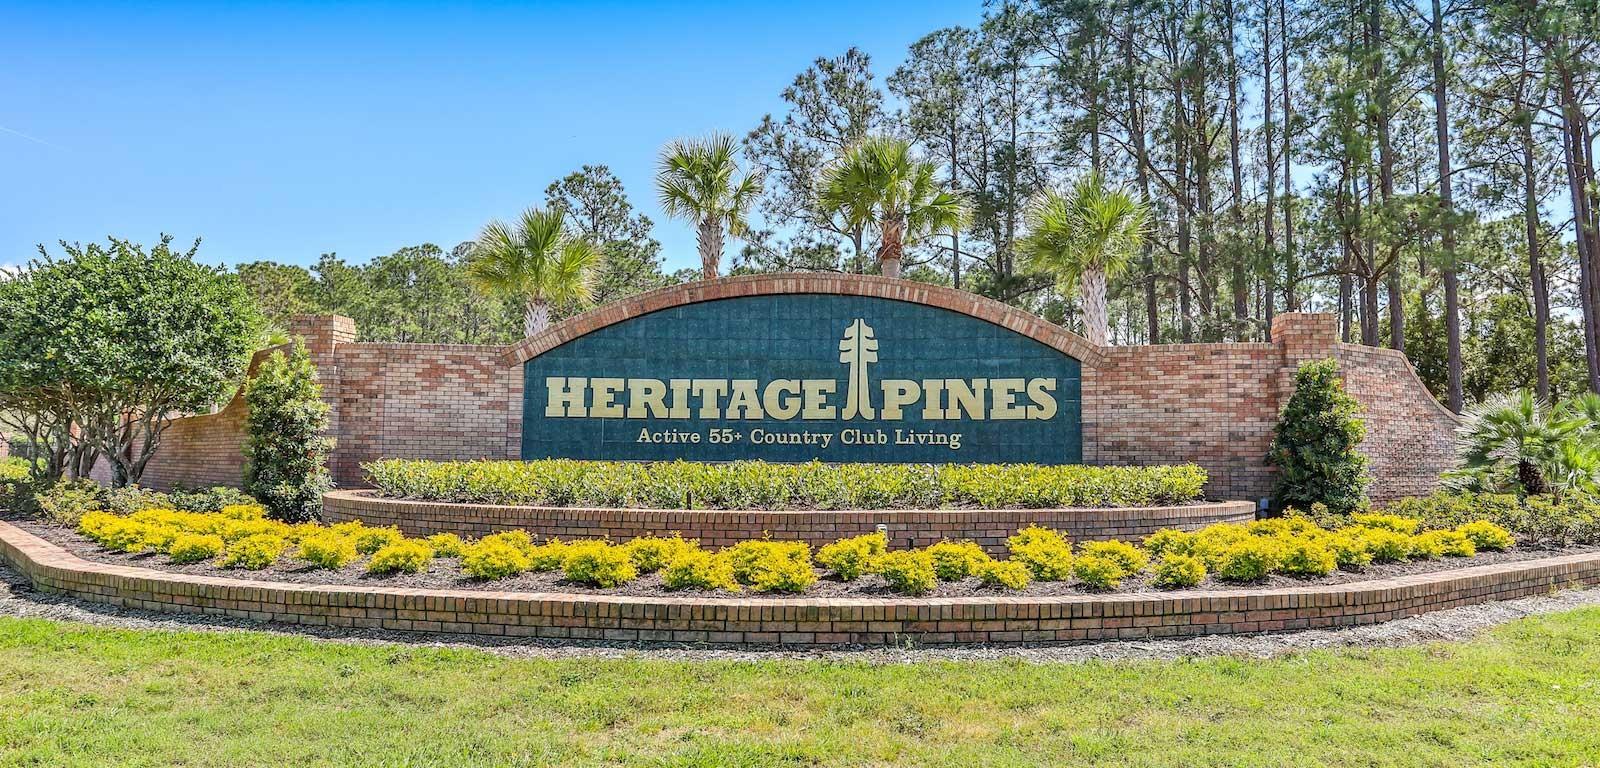 Heritage Pines neighborhood welcome sign